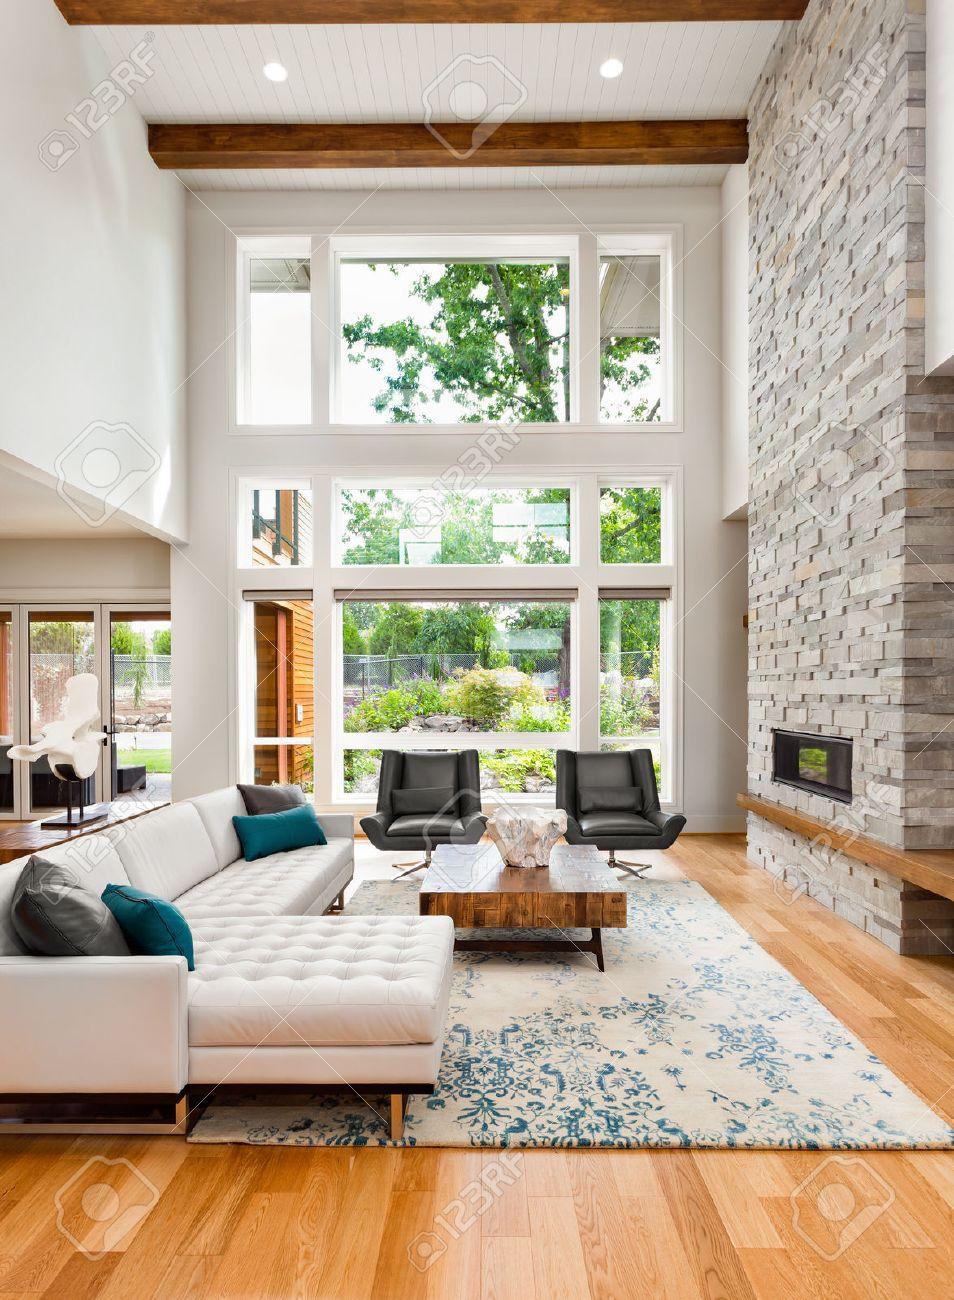 Wohnzimmer-Interieur Mit Holzböden, Riesige Bank Von Fenstern, Hohen ...